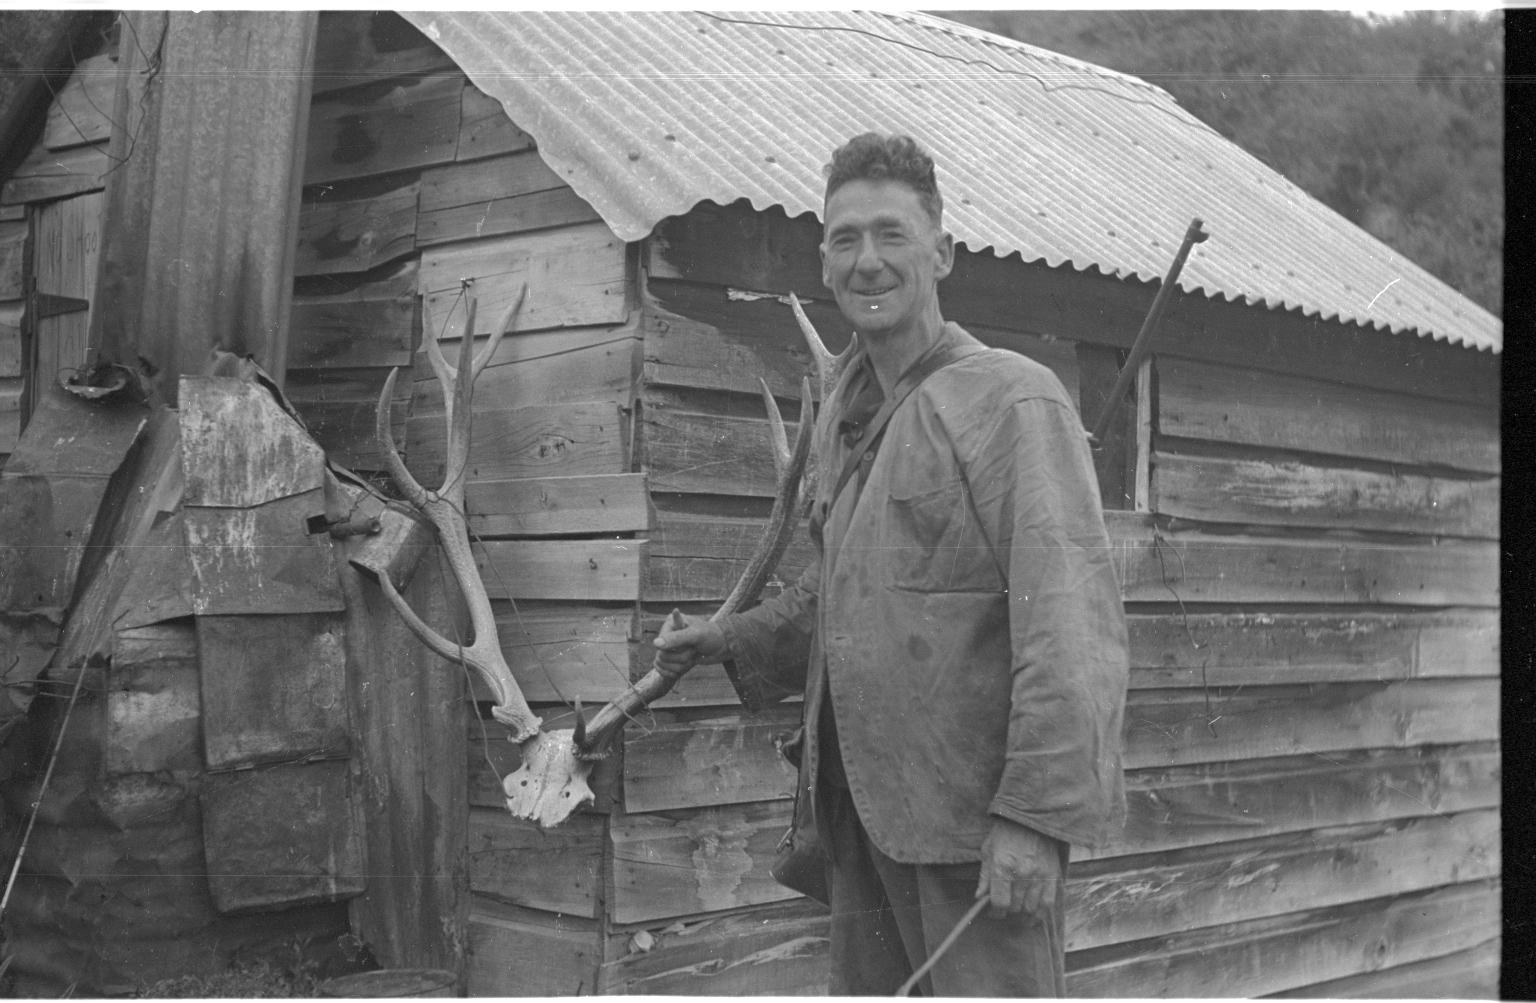 Dick Morris at Camp Kiwi